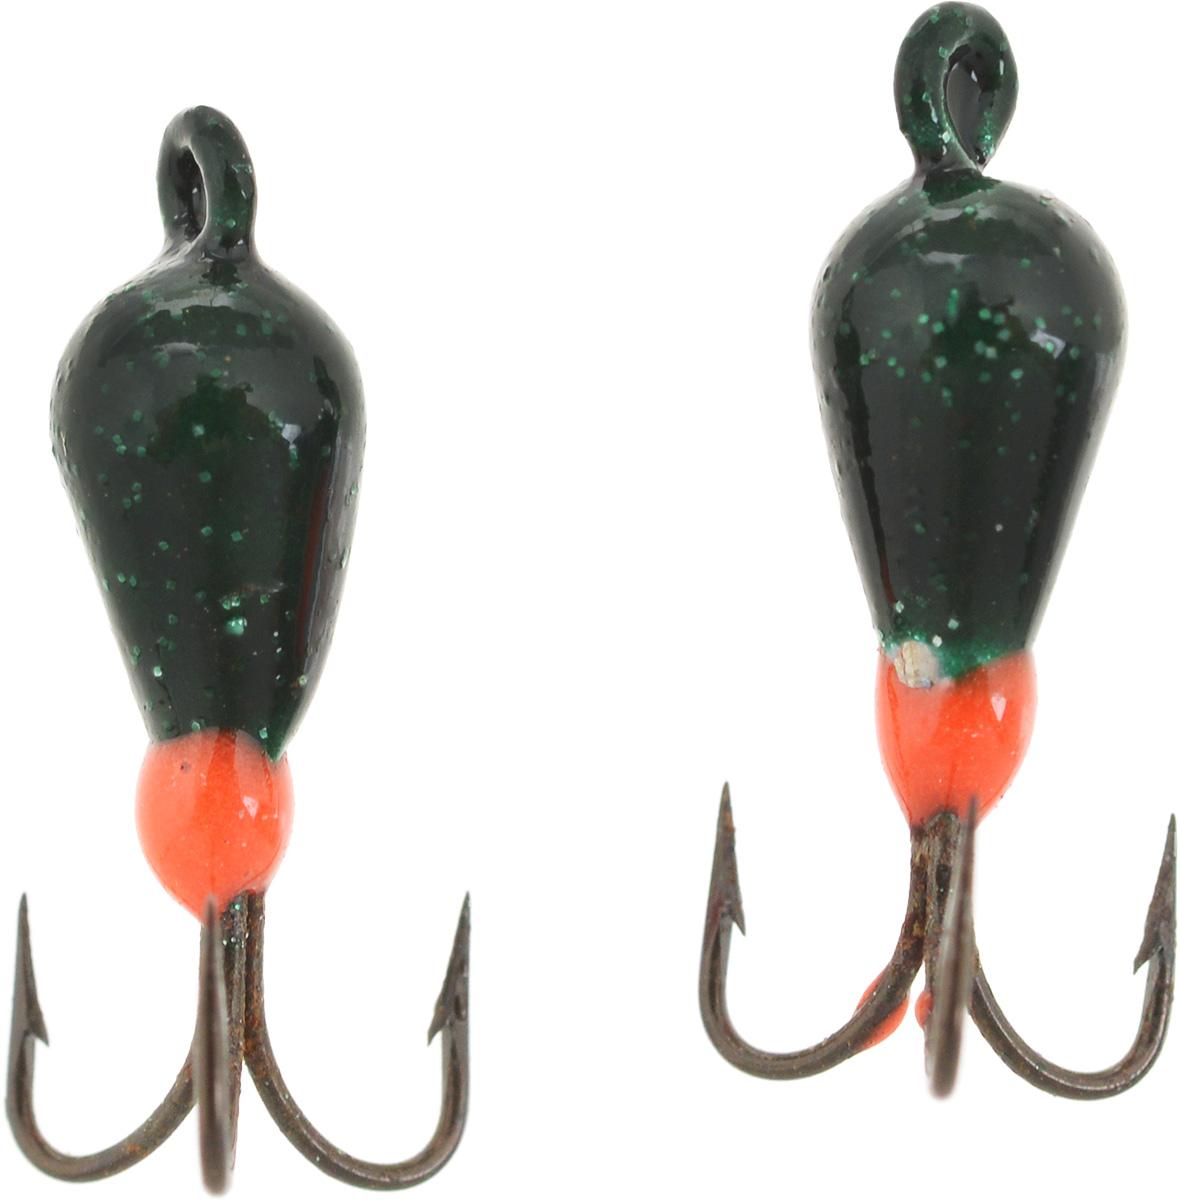 Чертик вольфрамовый Finnex, цвет: темно-зеленый, оранжевый, 0,56 г, 2 штT2GR_темно-зеленый, оранжевыйВольфрамовый чертик Finnex - одна из самых популярных приманок для ловли леща, плотвы и другой белой рыбы. Особенно хорошо работает приманка на всевозможных водохранилищах. Не пропустит ее и другая рыба, в том числе окунь, судак и щука.